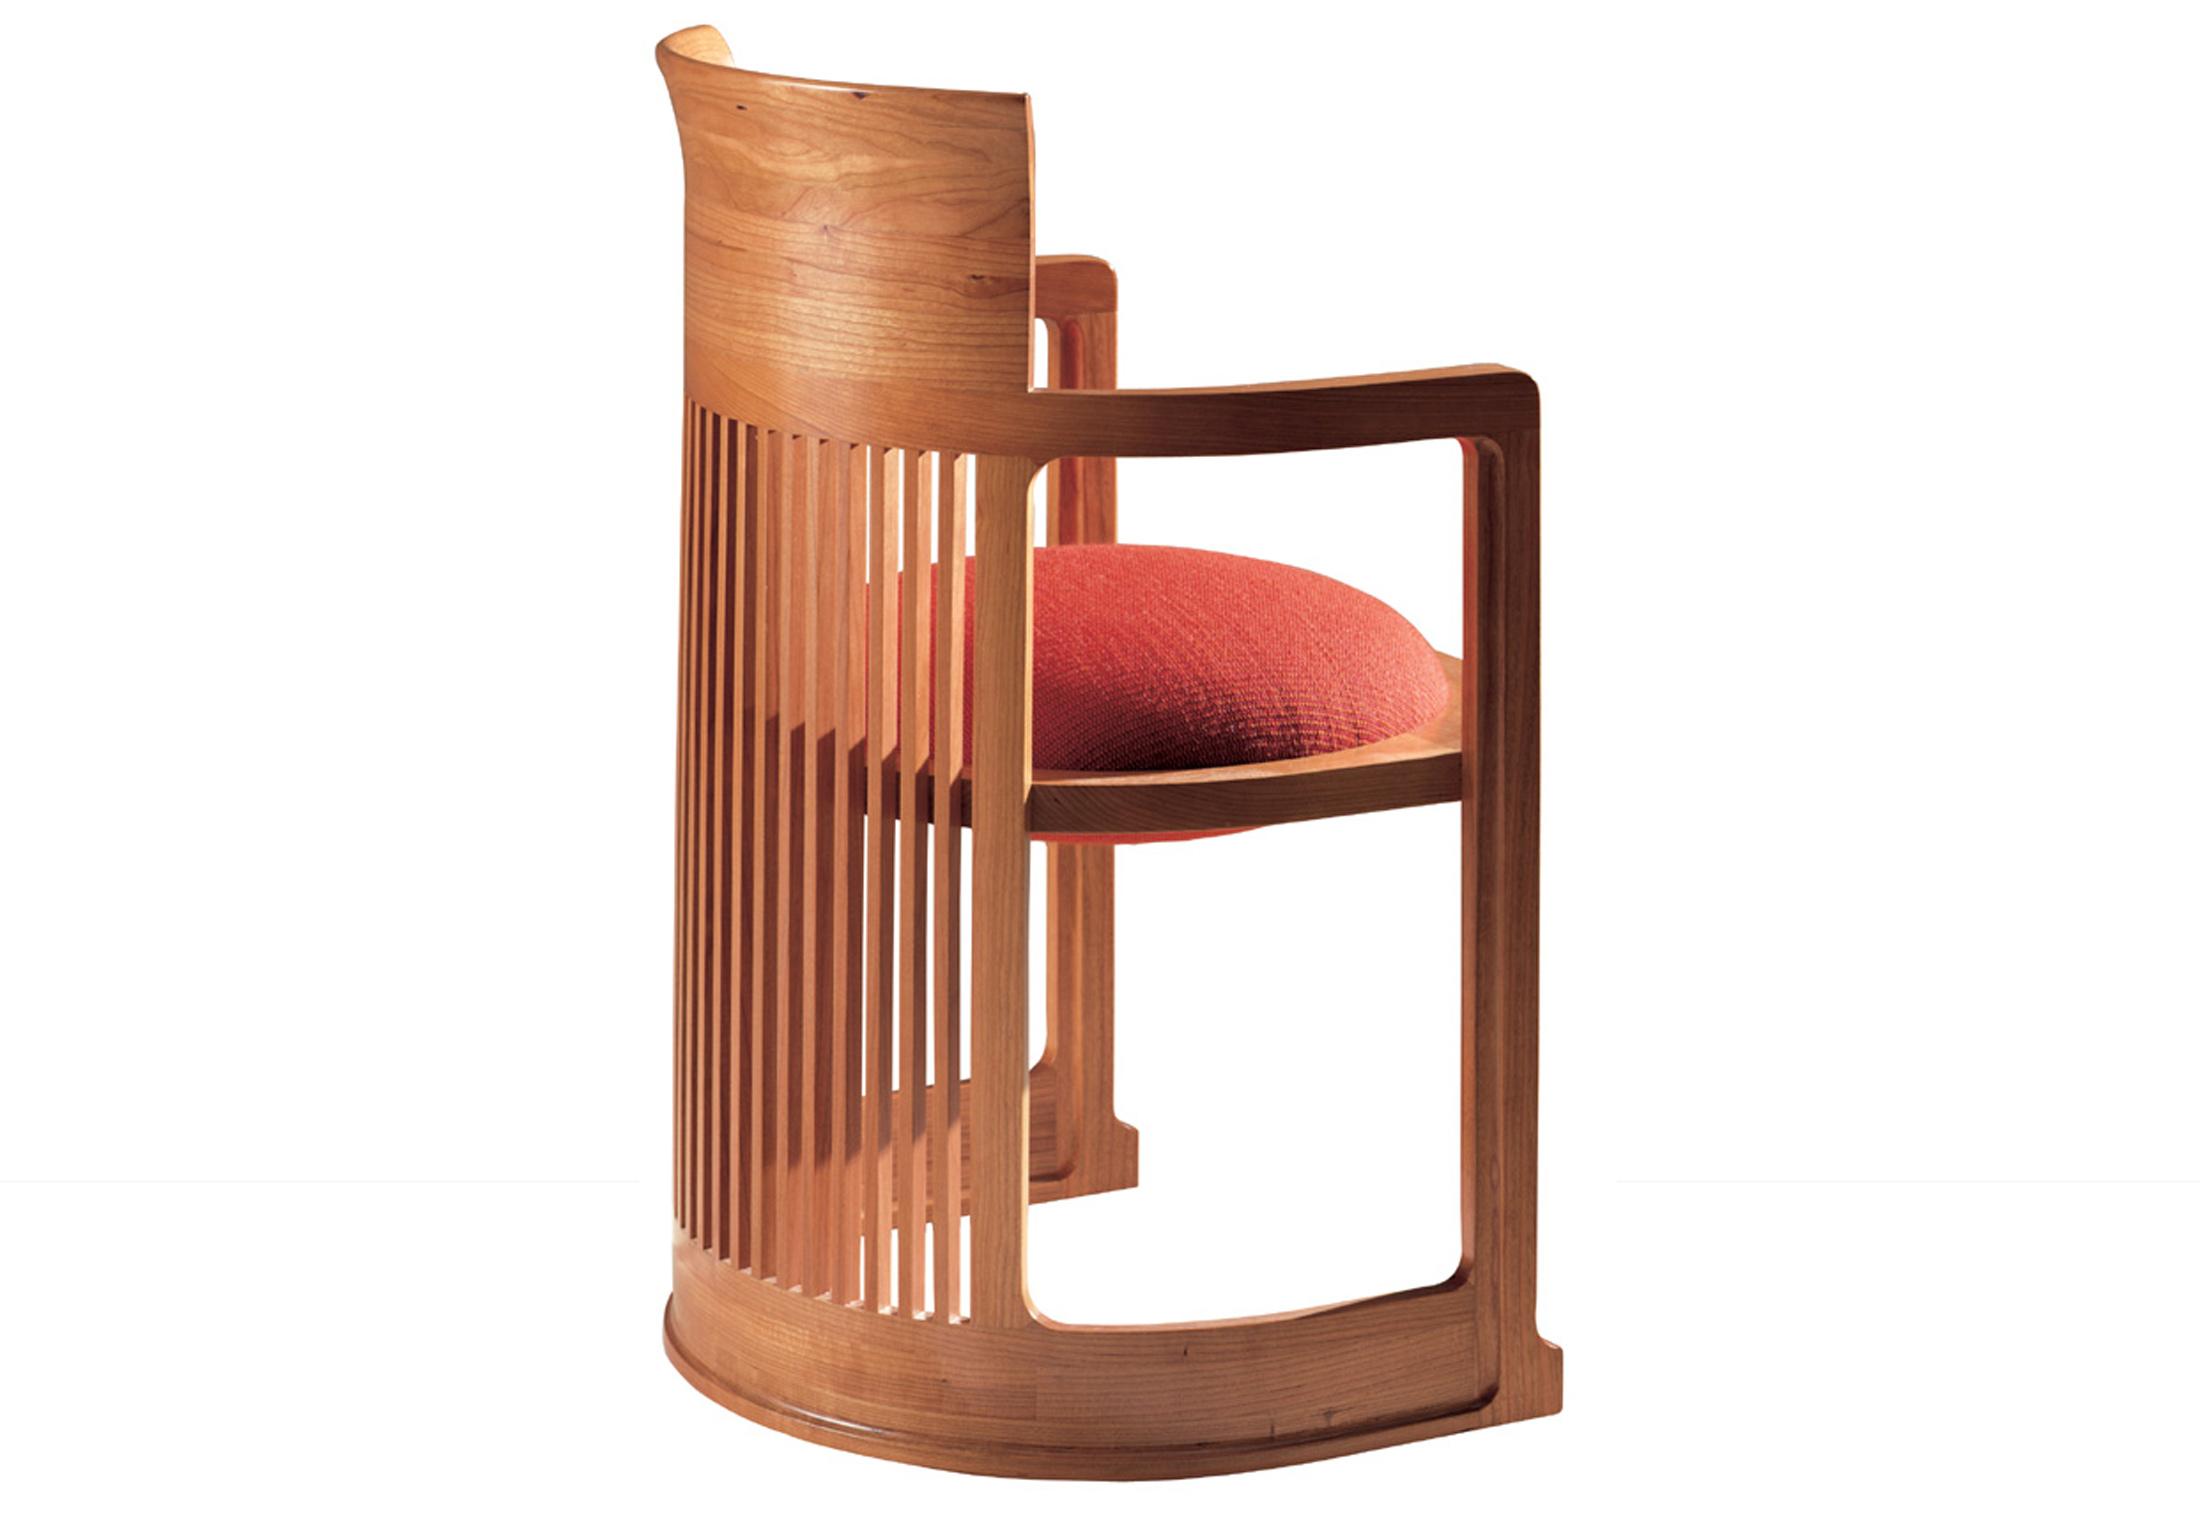 Barrel di cassina sedie poltroncine arredamento for Cassina sedie